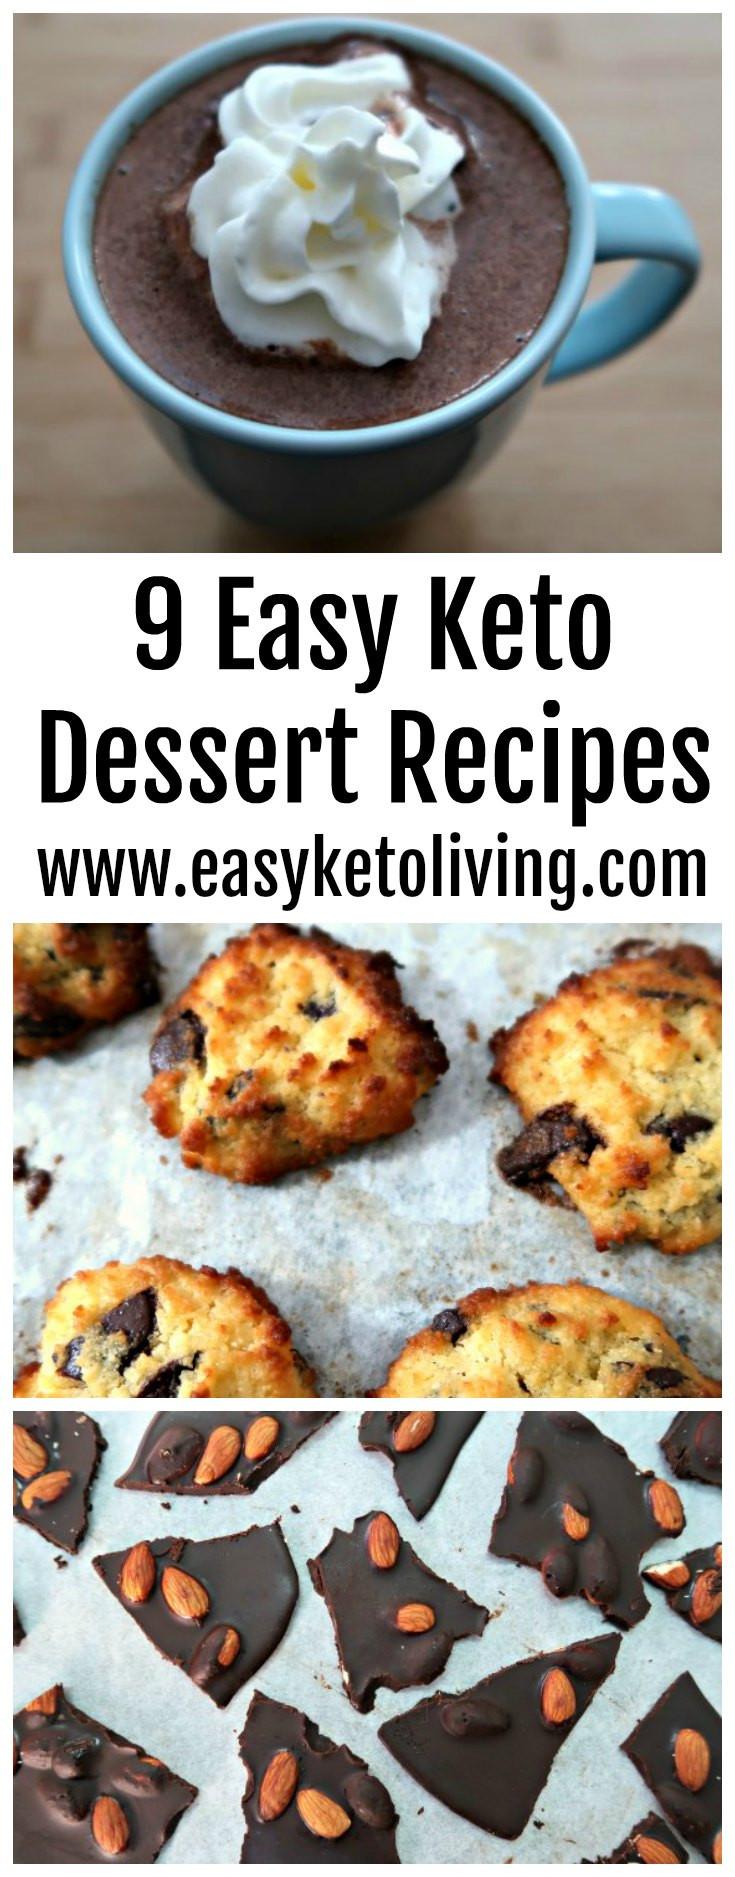 Keto Quick Dessert  9 Easy Keto Dessert Recipes Quick Low Carb Ketogenic